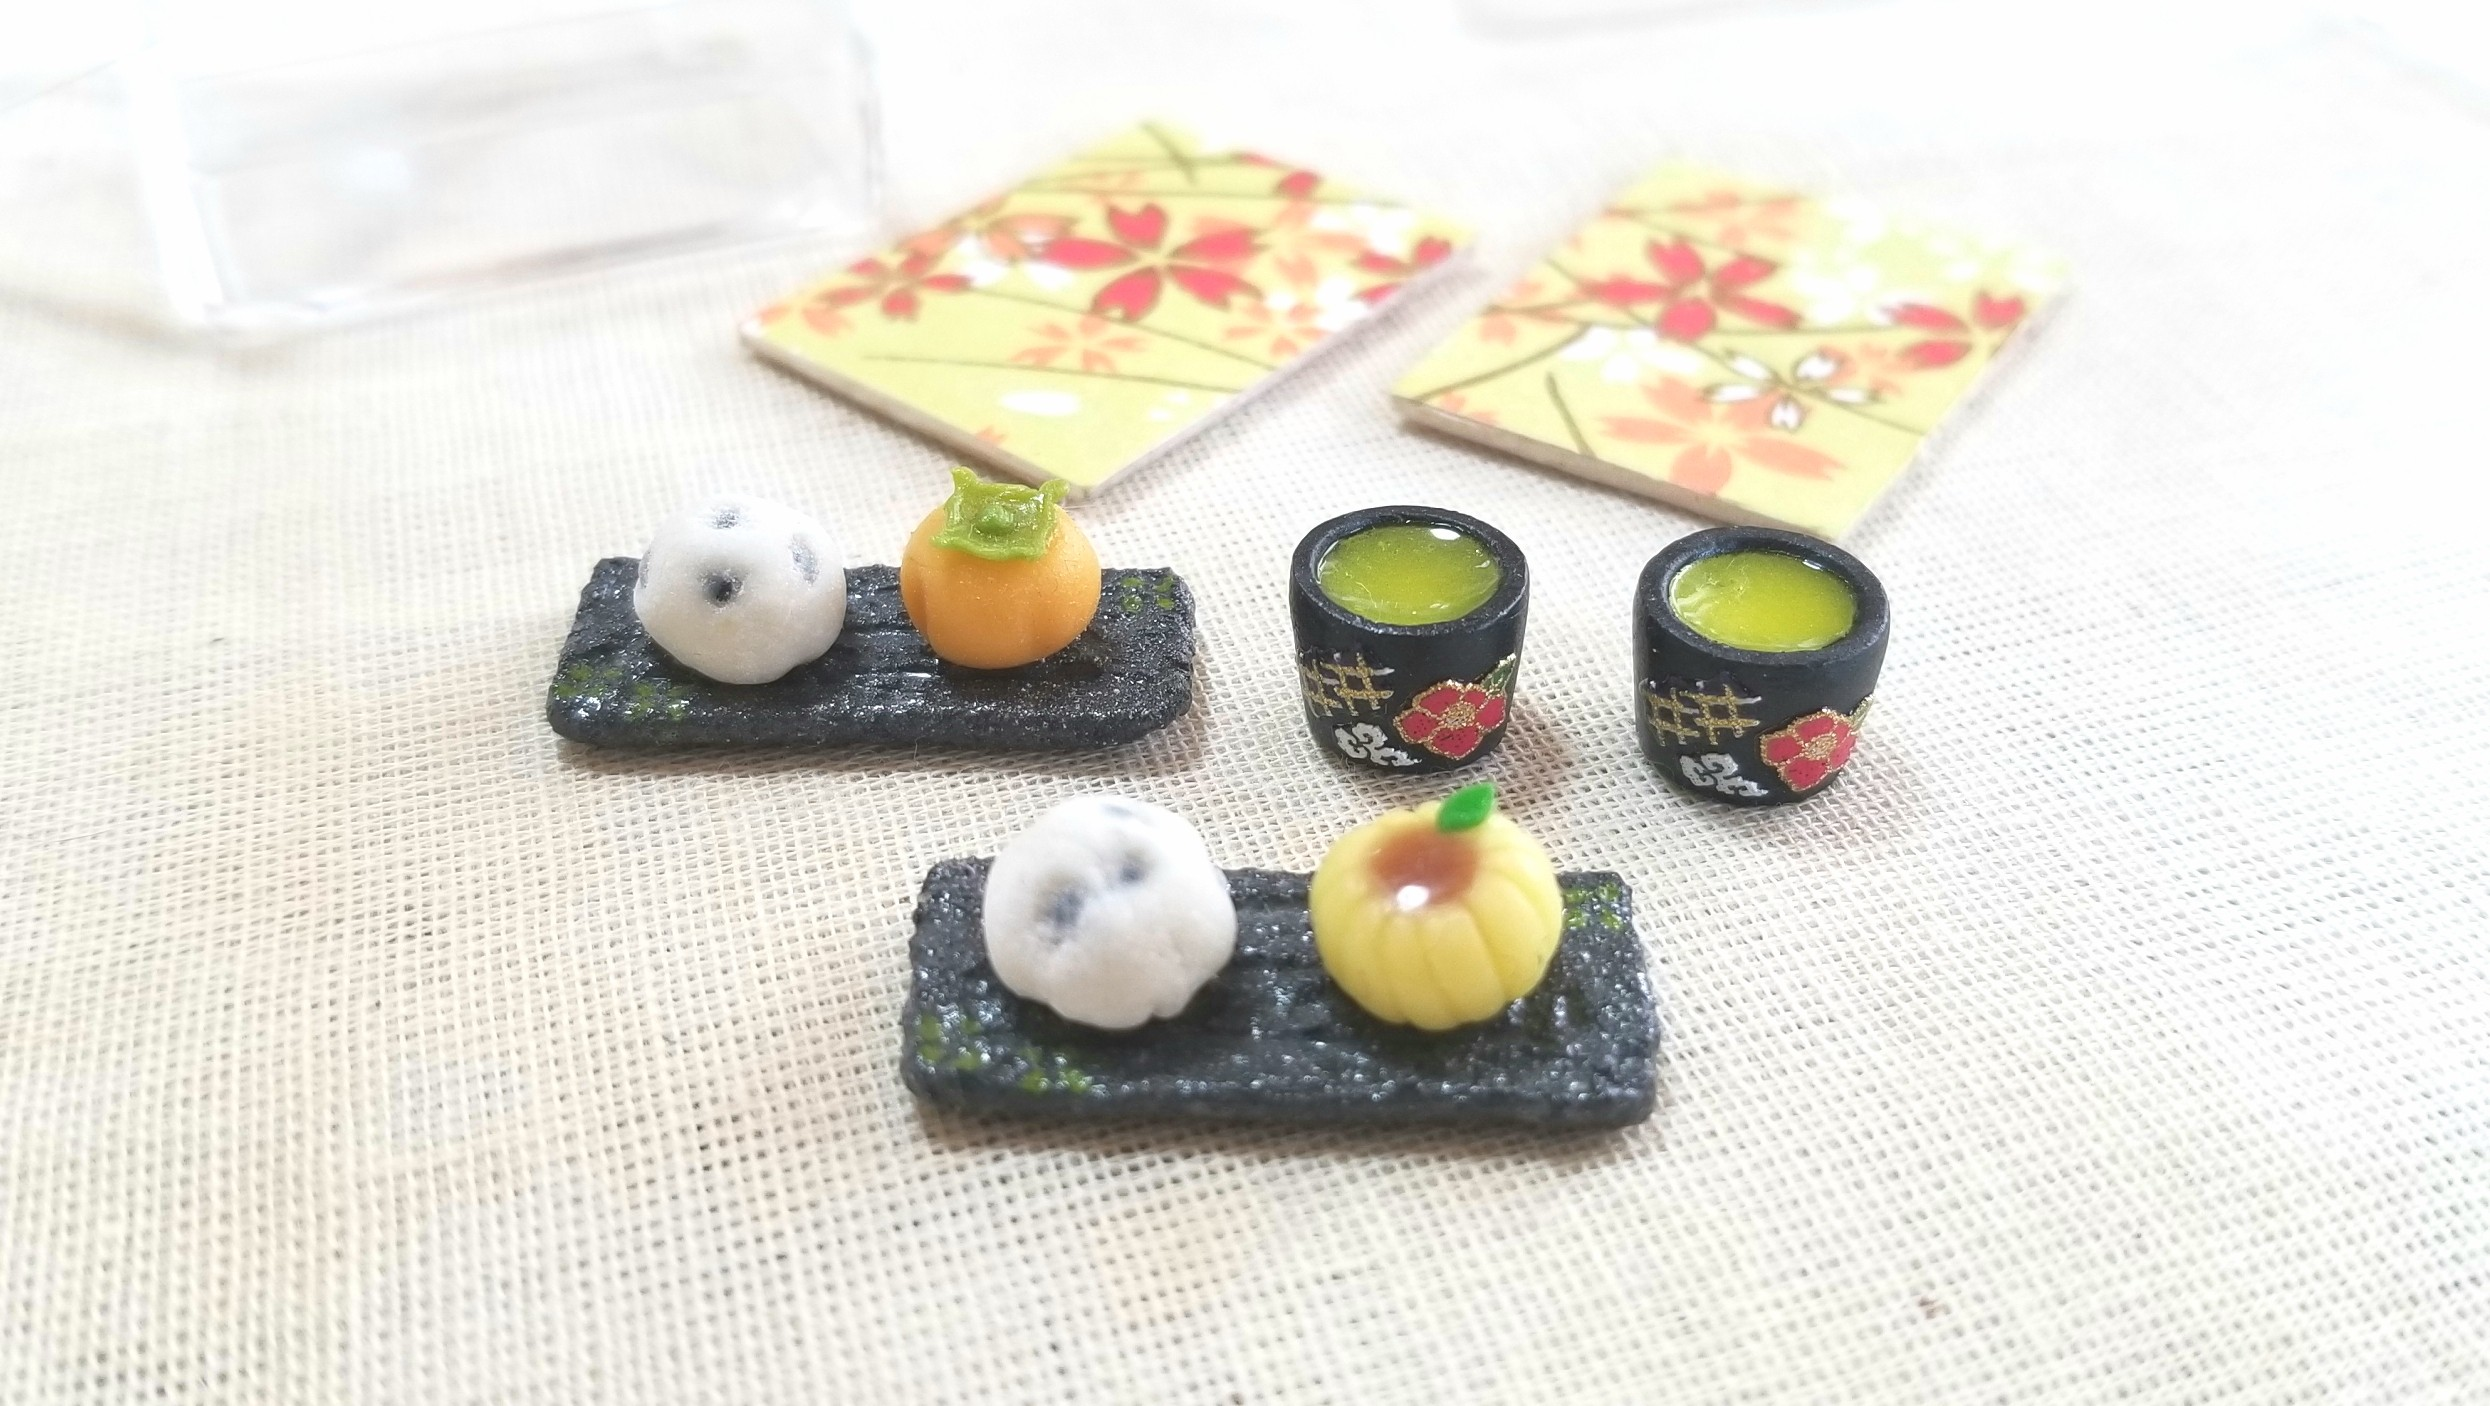 ミニチュアフード和菓子生菓子,樹脂粘土,かわいいおすすめブログ